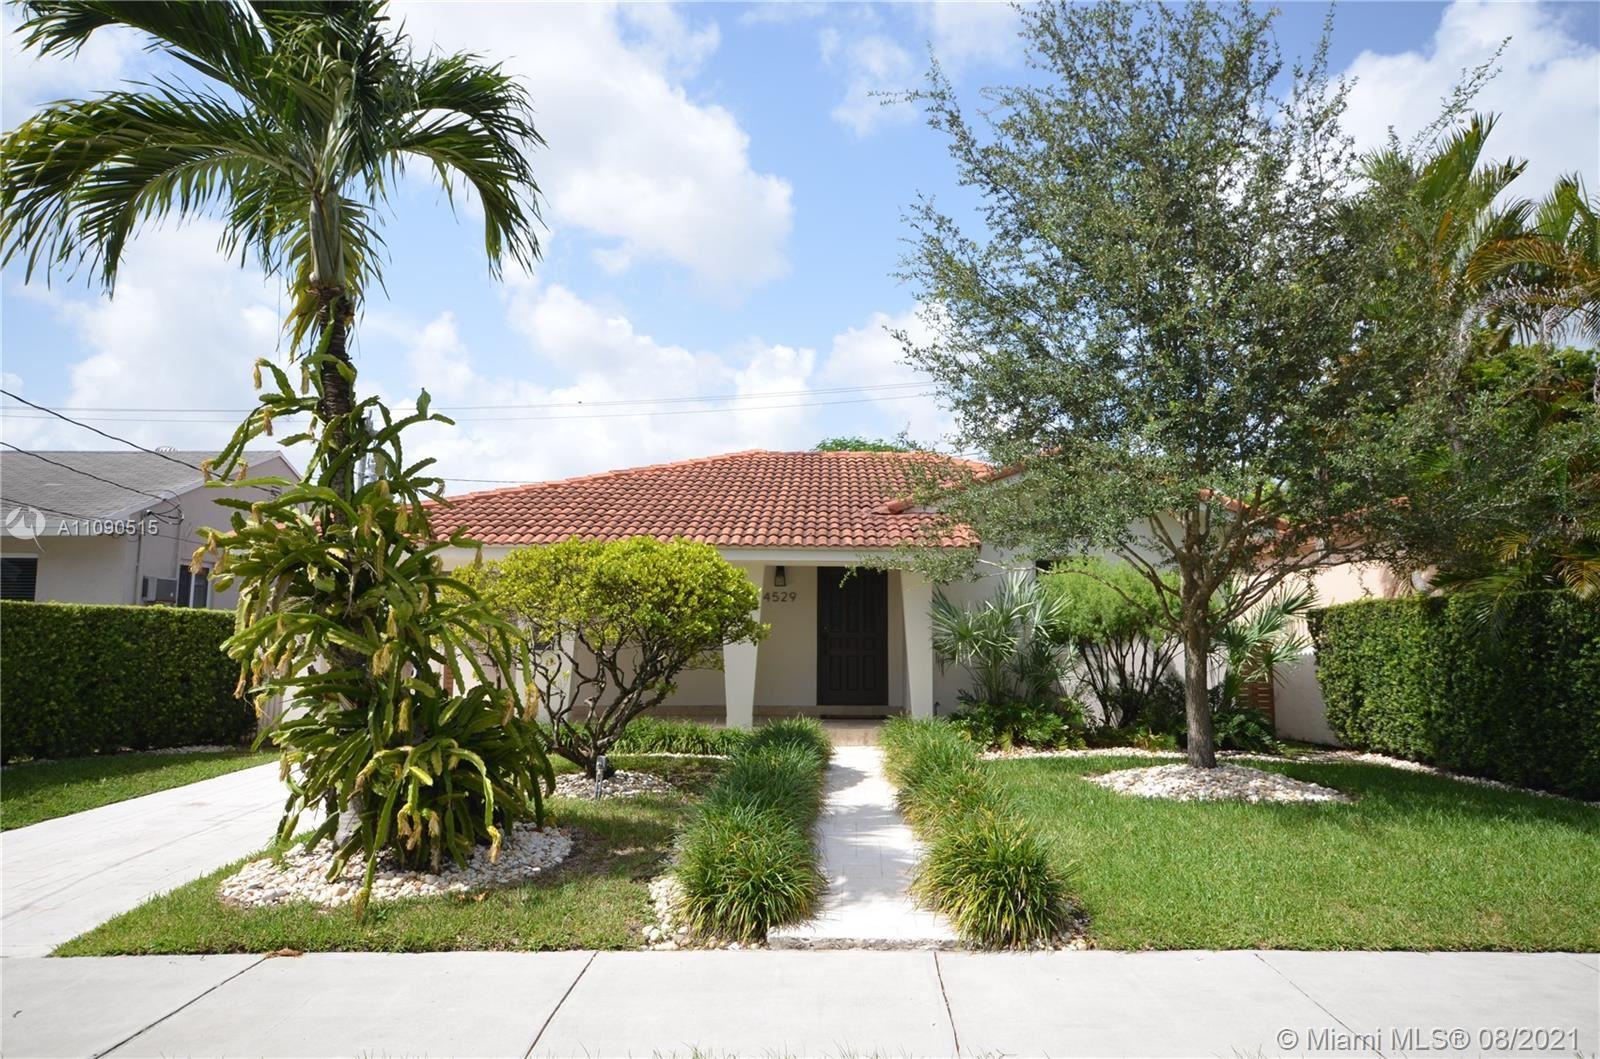 4529 SW 1st St, Miami, FL 33134 - #: A11090515